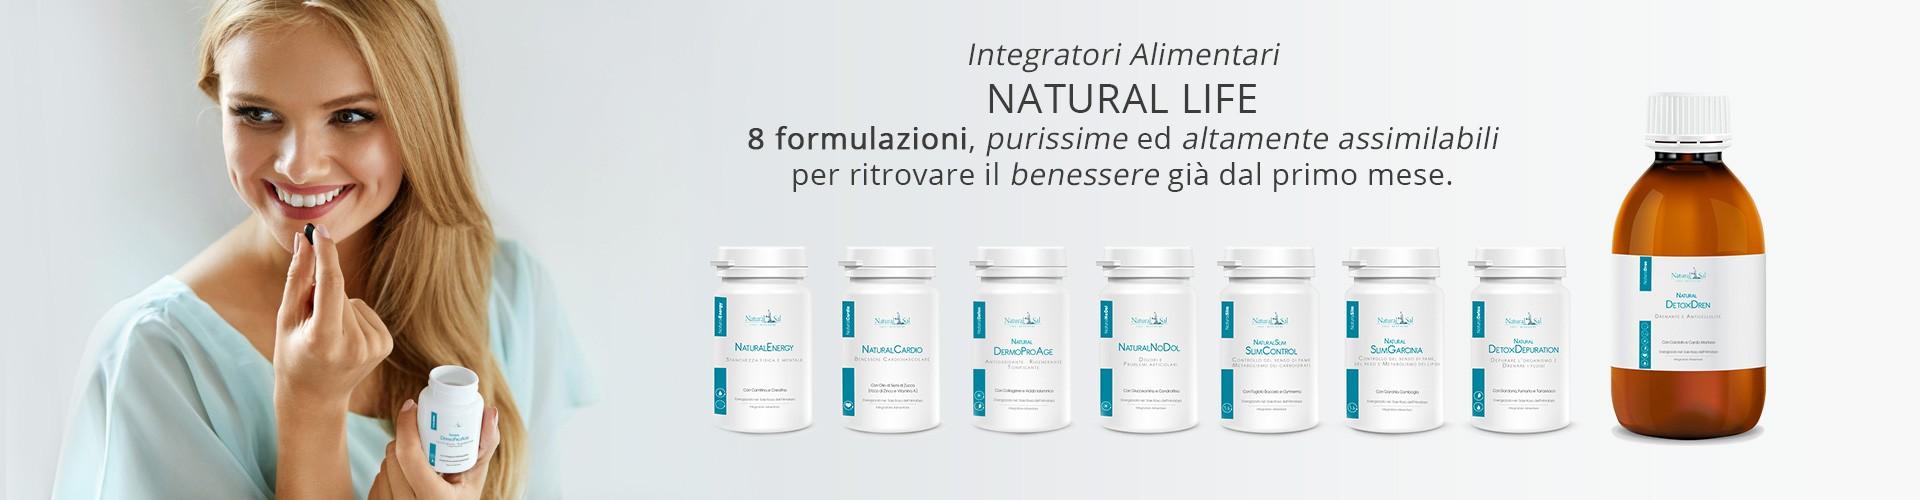 NaturalLife Integratori Alimentari